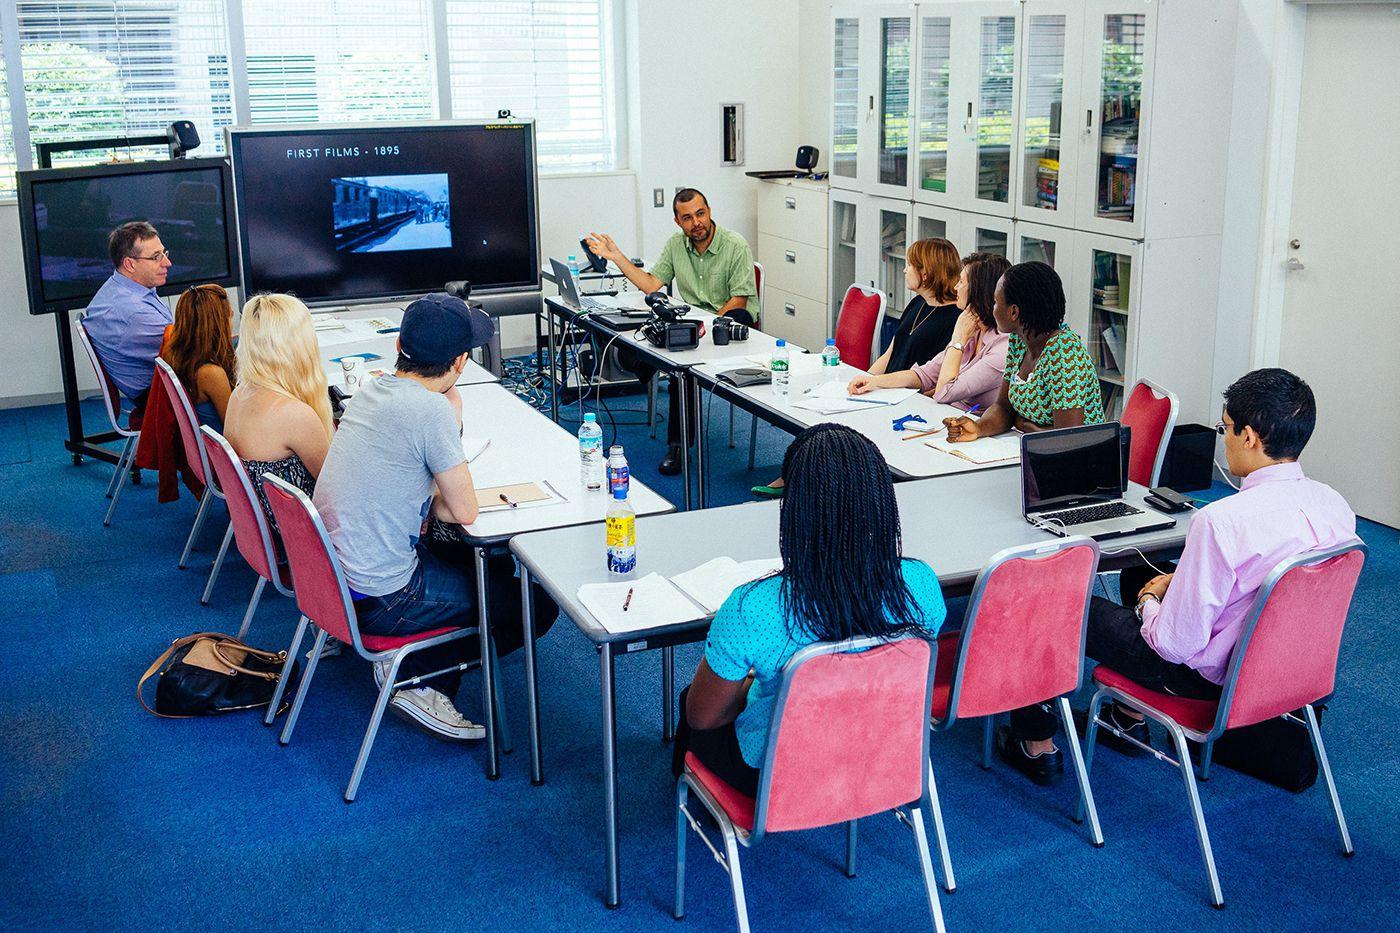 Luis teaching a class